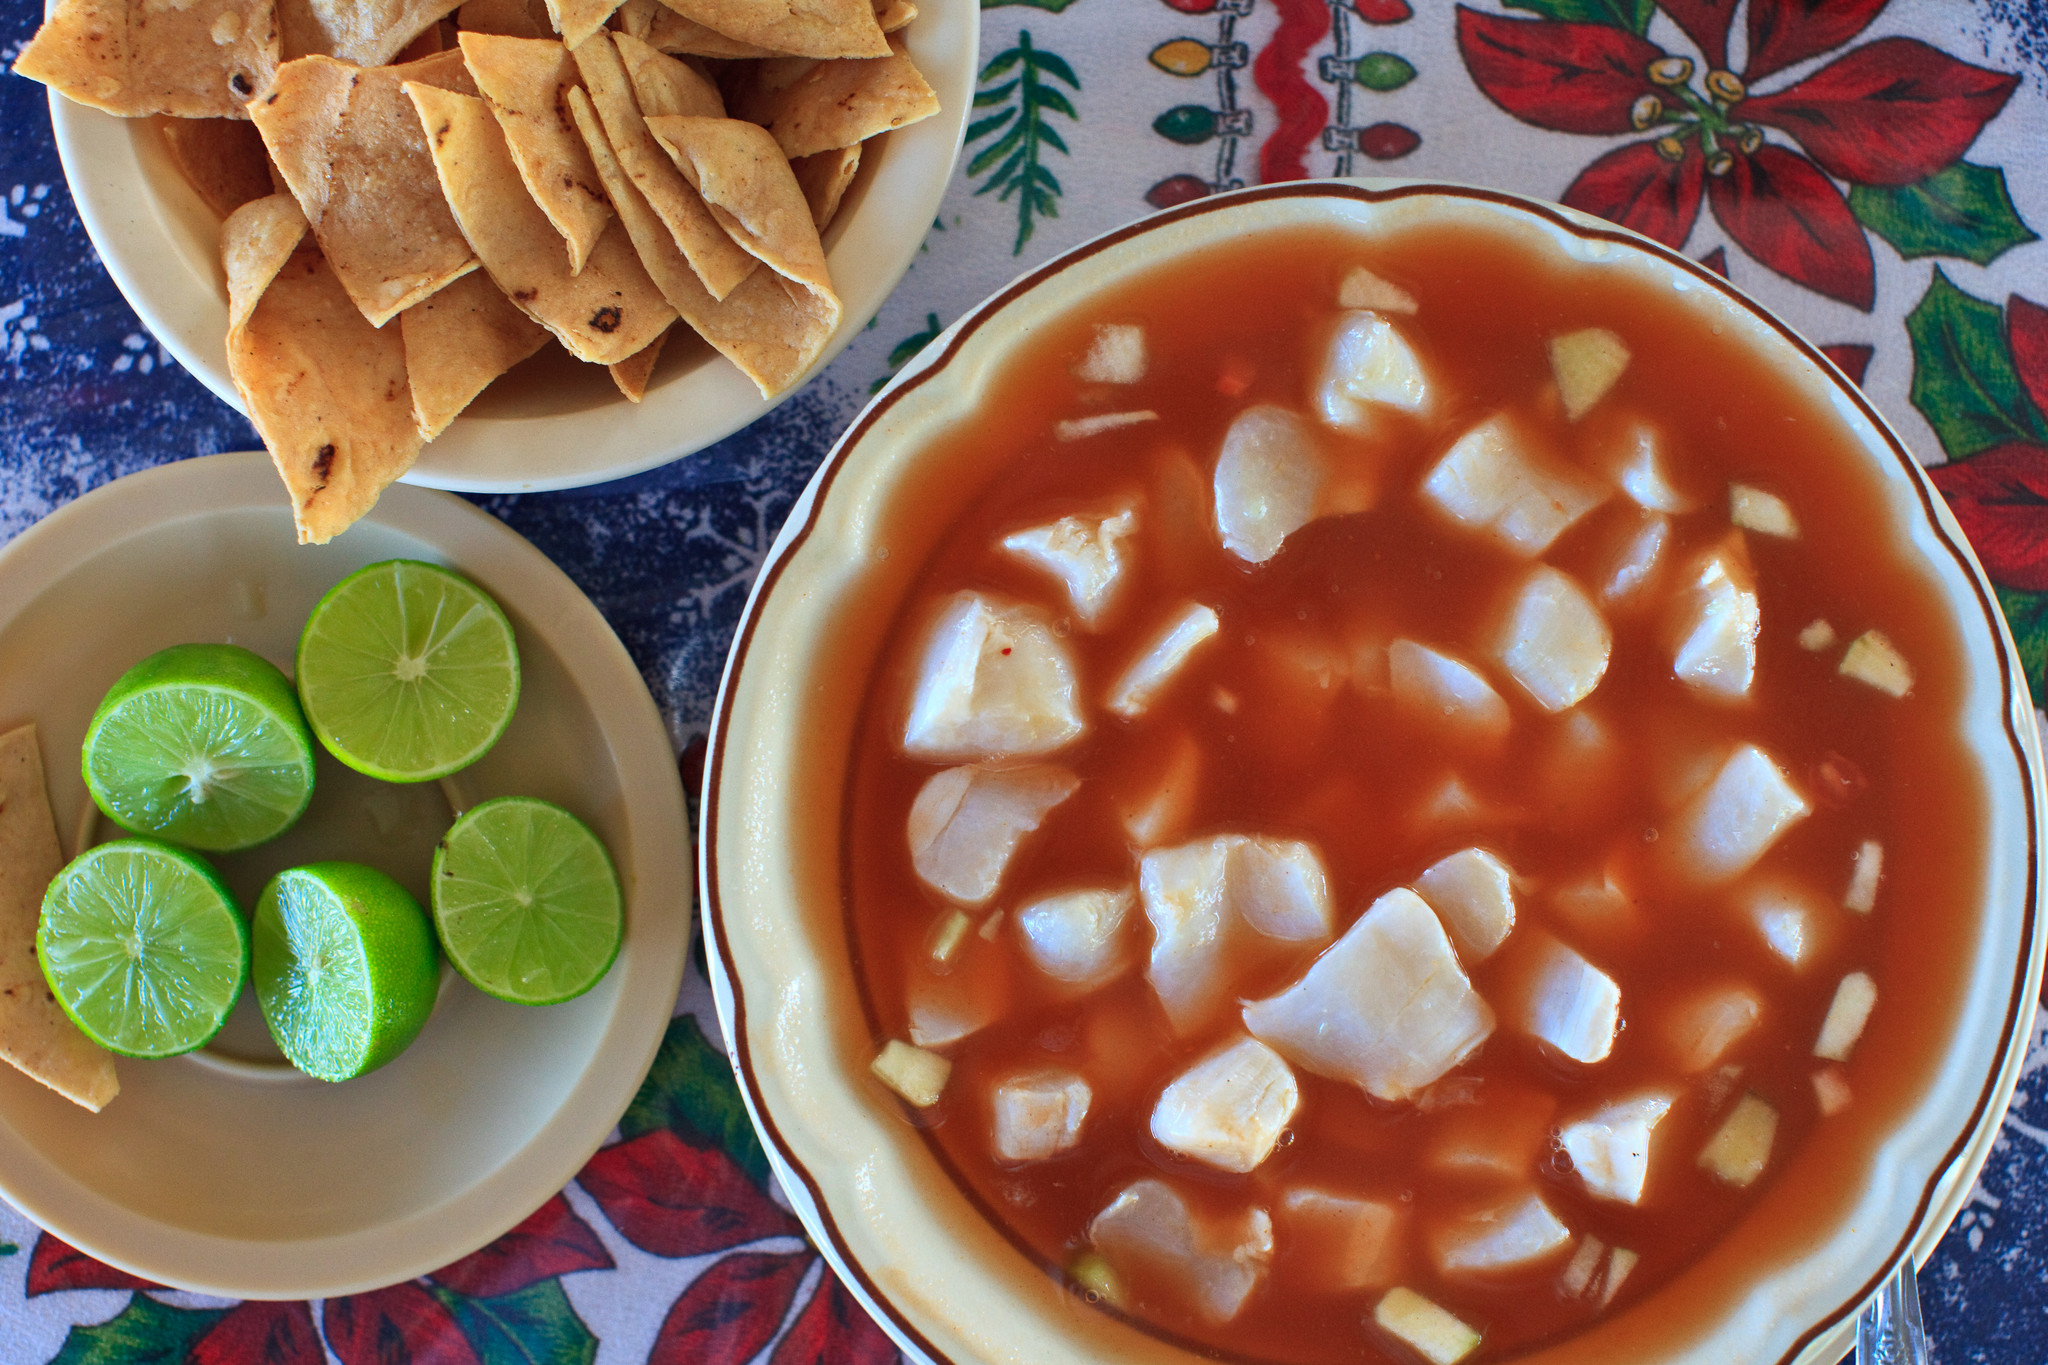 Mariscos el Sinaloense, San Jose del Cabo - Cocktail de callo de hacha